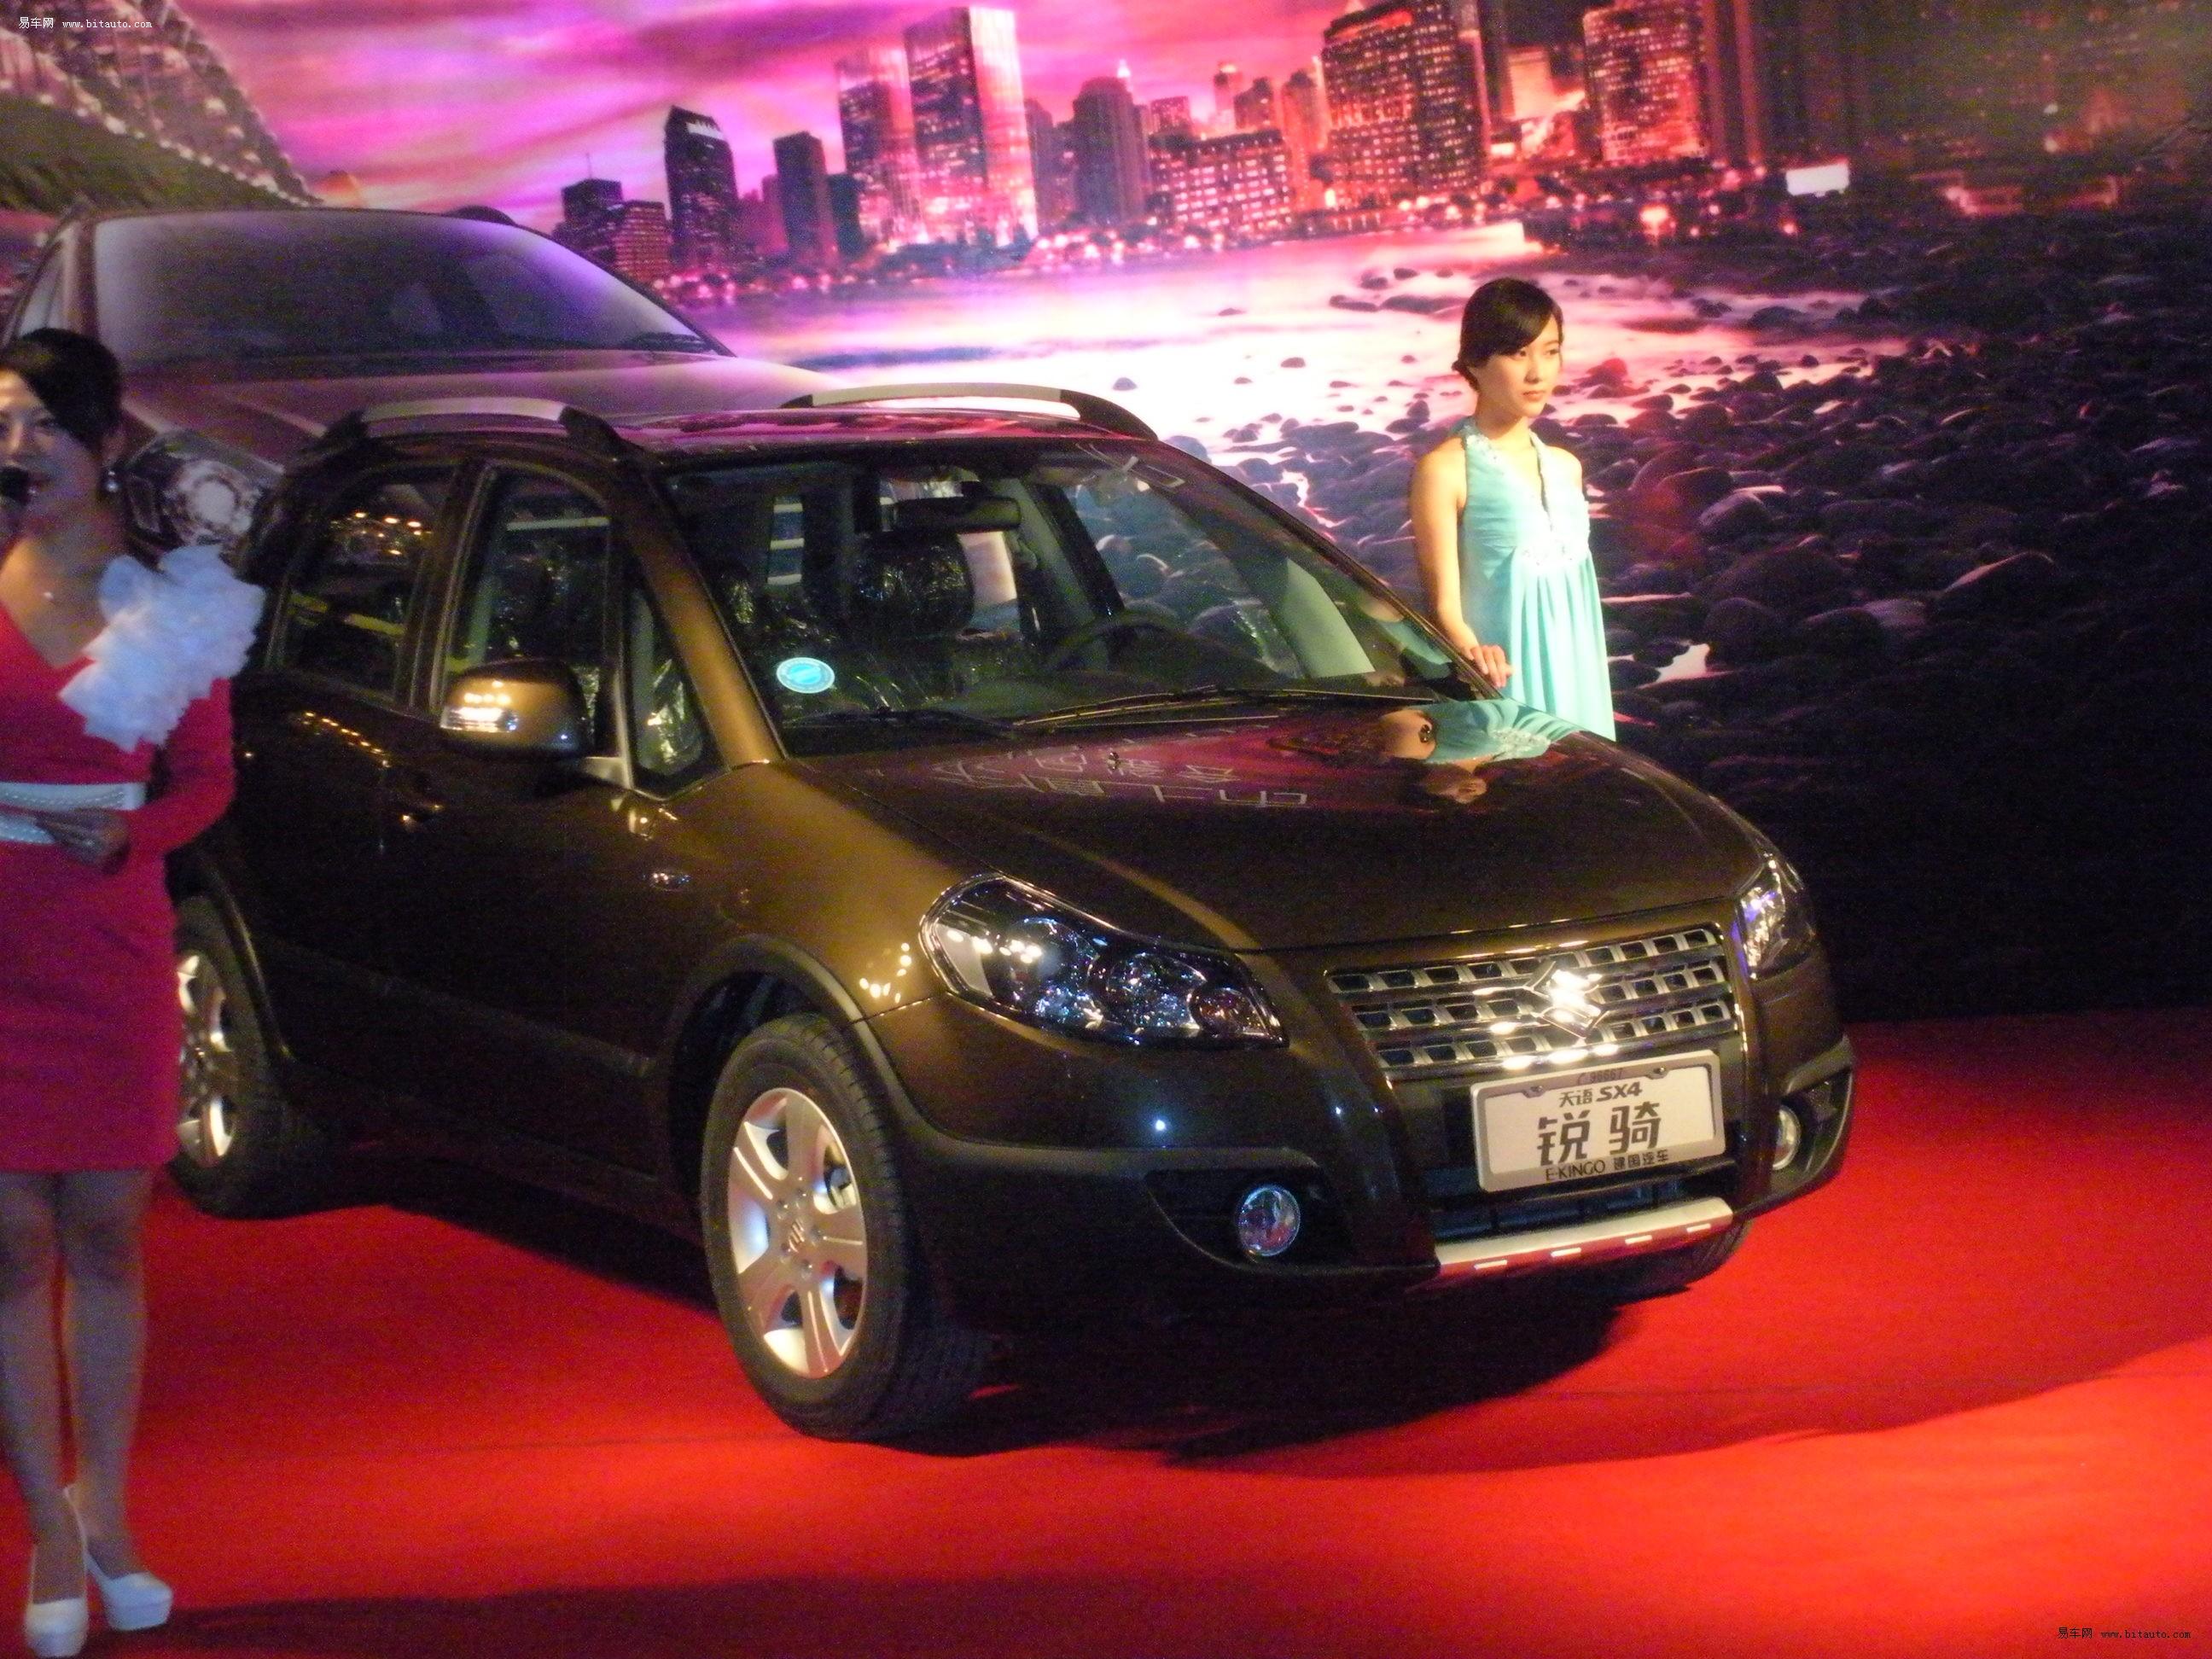 2011年12月25日,长安铃木推出天语SX4的改款车型——铃木锐骑,这是继2011年4月于上海车展推出新款天语SX4之后,长安铃木再度出击跨界车市场,继陆续登陆广州等地之后,铃木锐骑将于2012年1月12日正式登陆成都。新车共推出四款配置车型,其售价如下:1.6LMT、AT售价分别为 10.